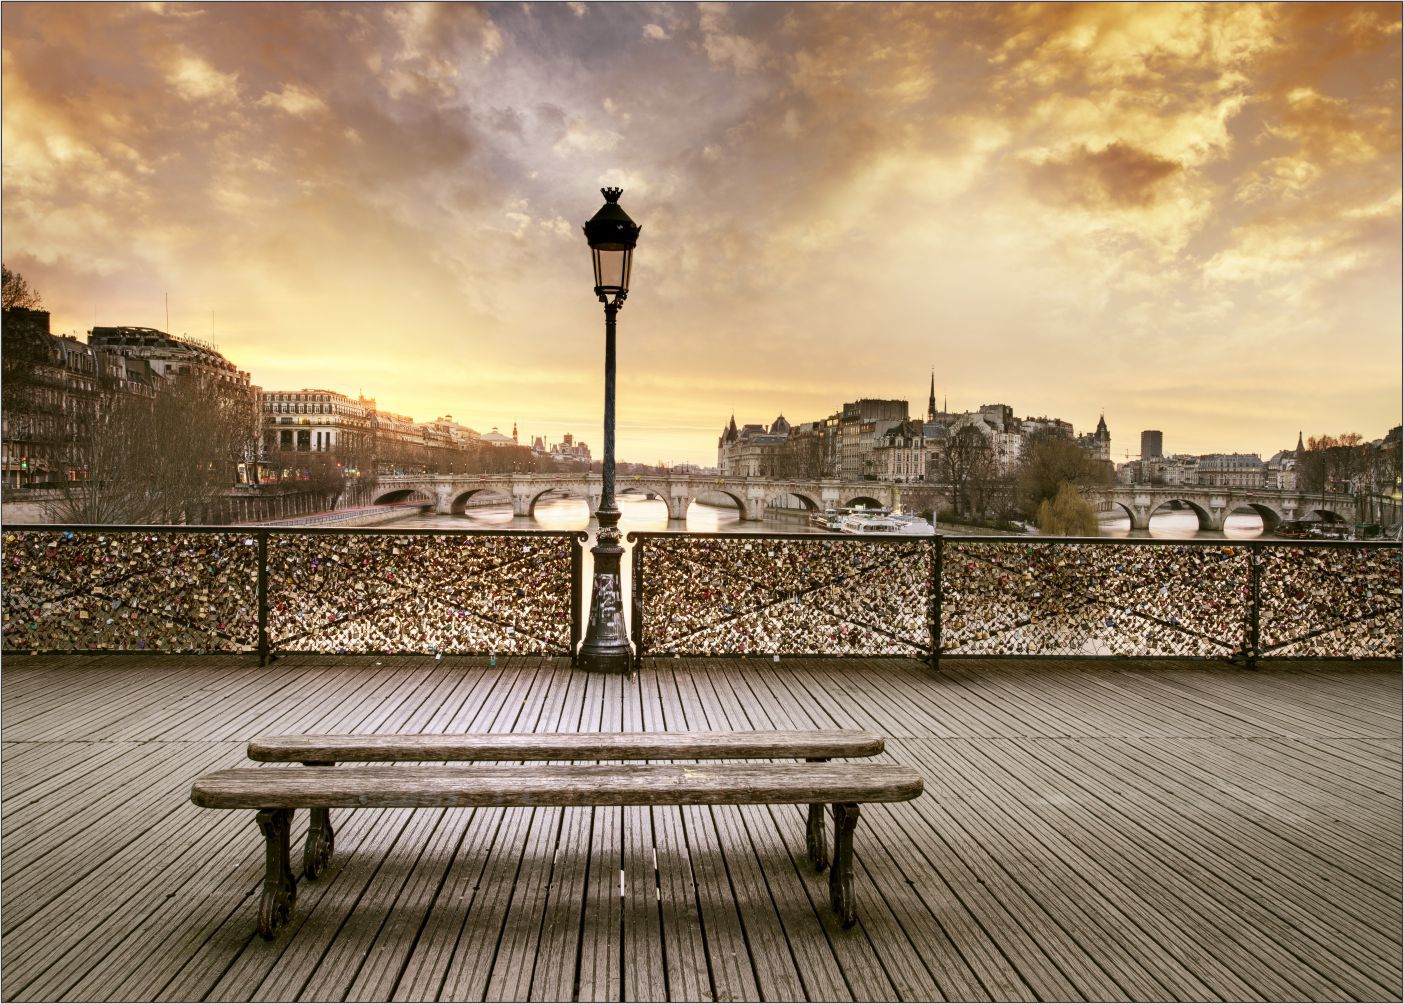 Papel De Parede 3D Pontes 0012 - papel de parede paisagem   - Paredes Decoradas